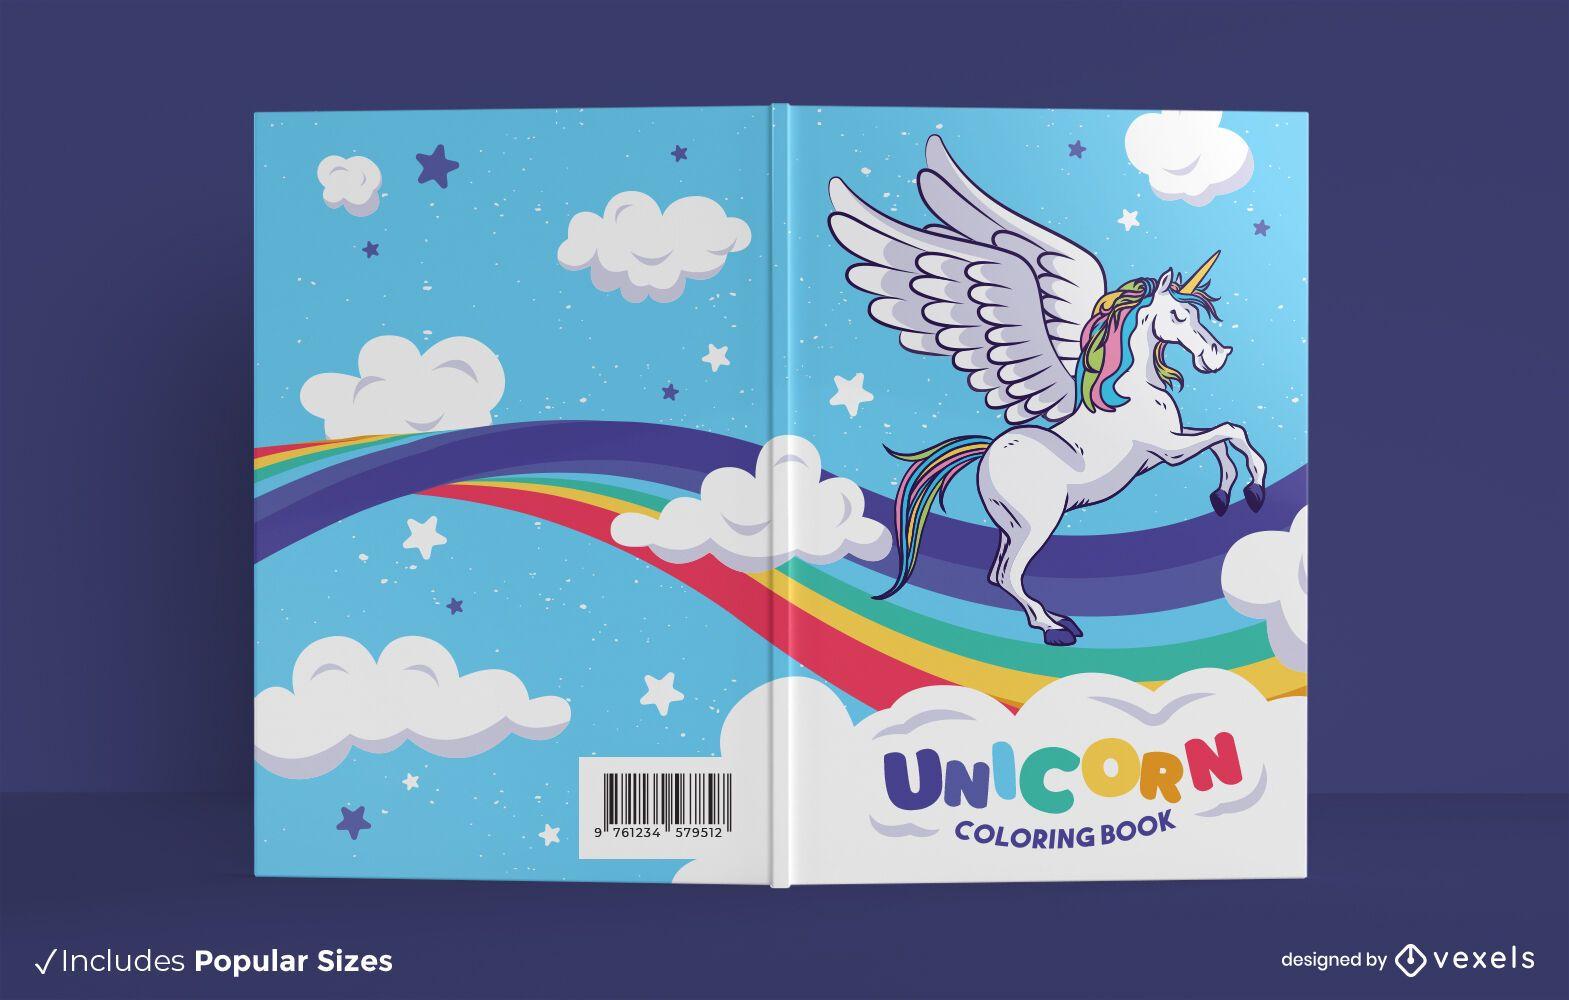 Cute unicorn coloring book cover design